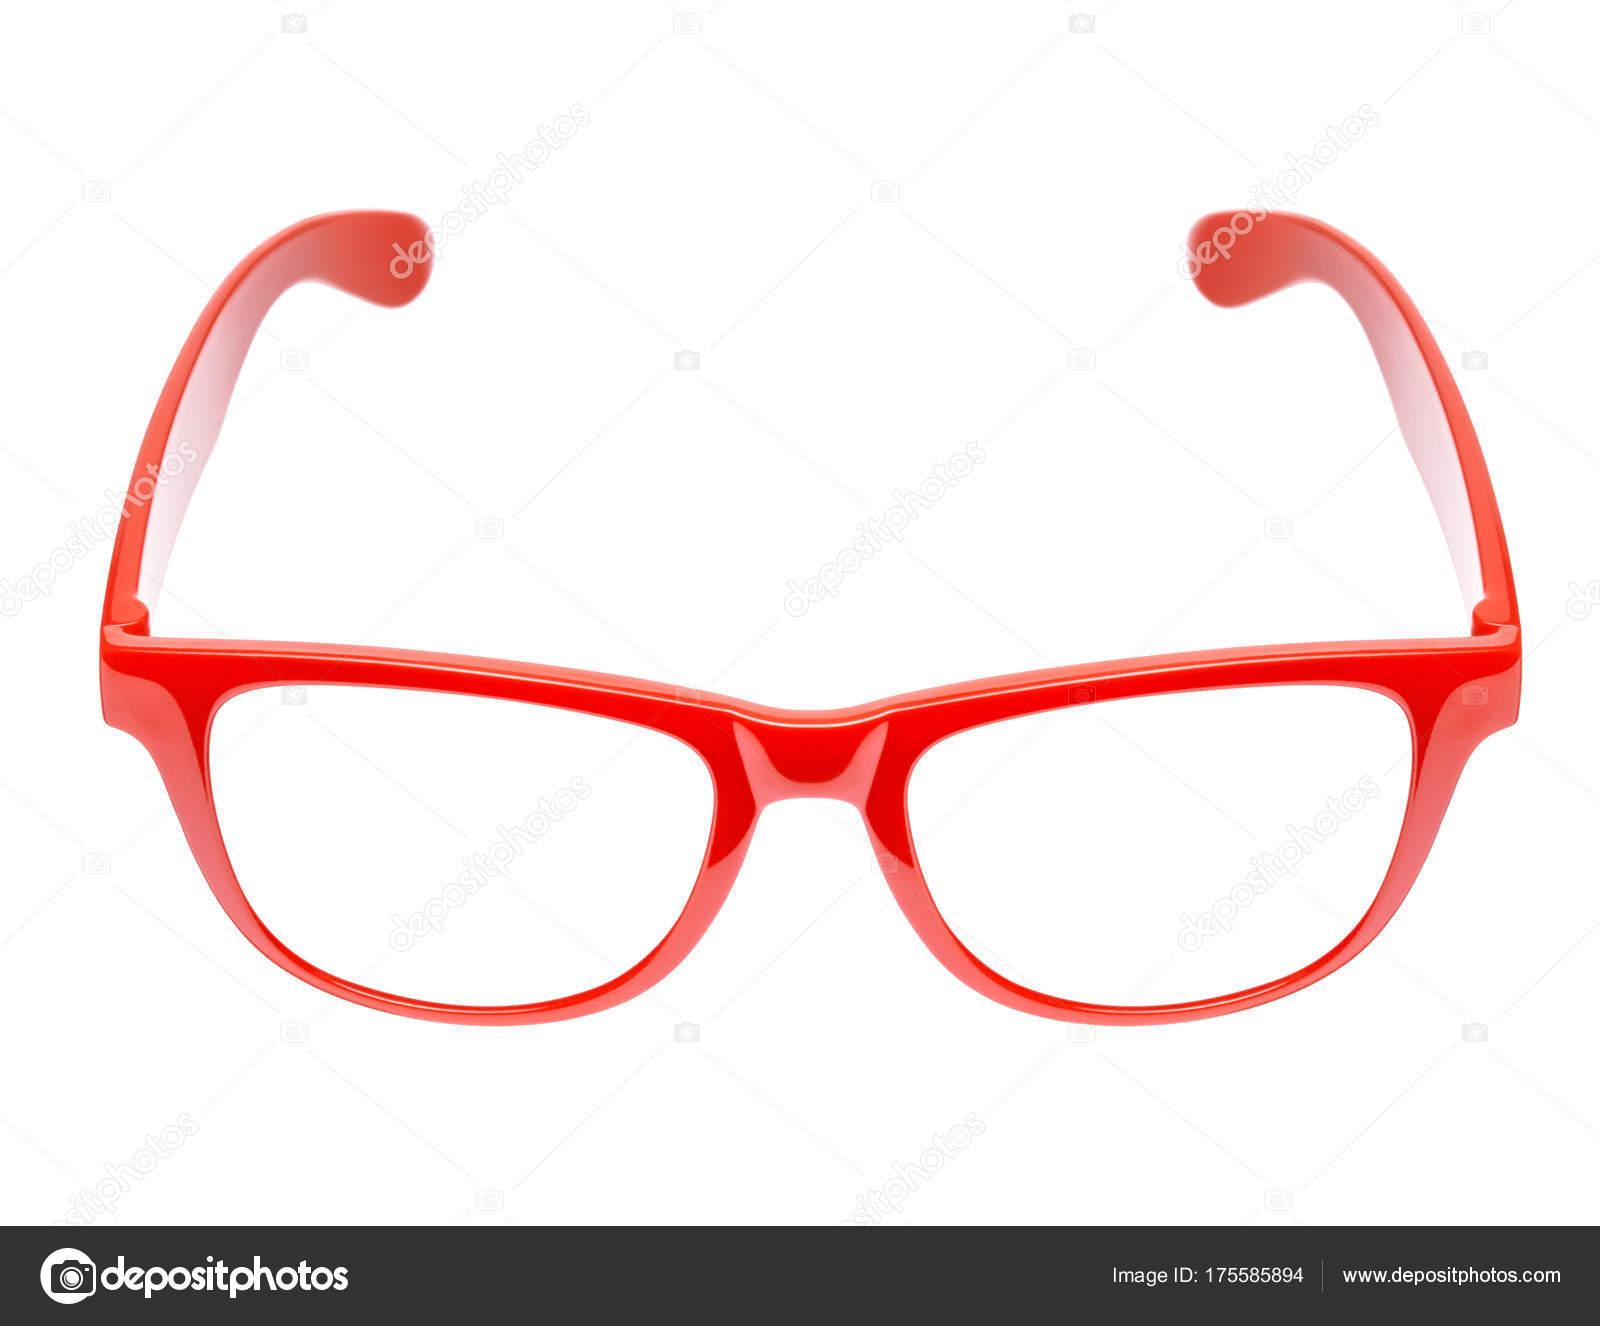 66ba458b10c055 Lunettes rouges sur fond blanc — Photographie akinshin ©  175585894